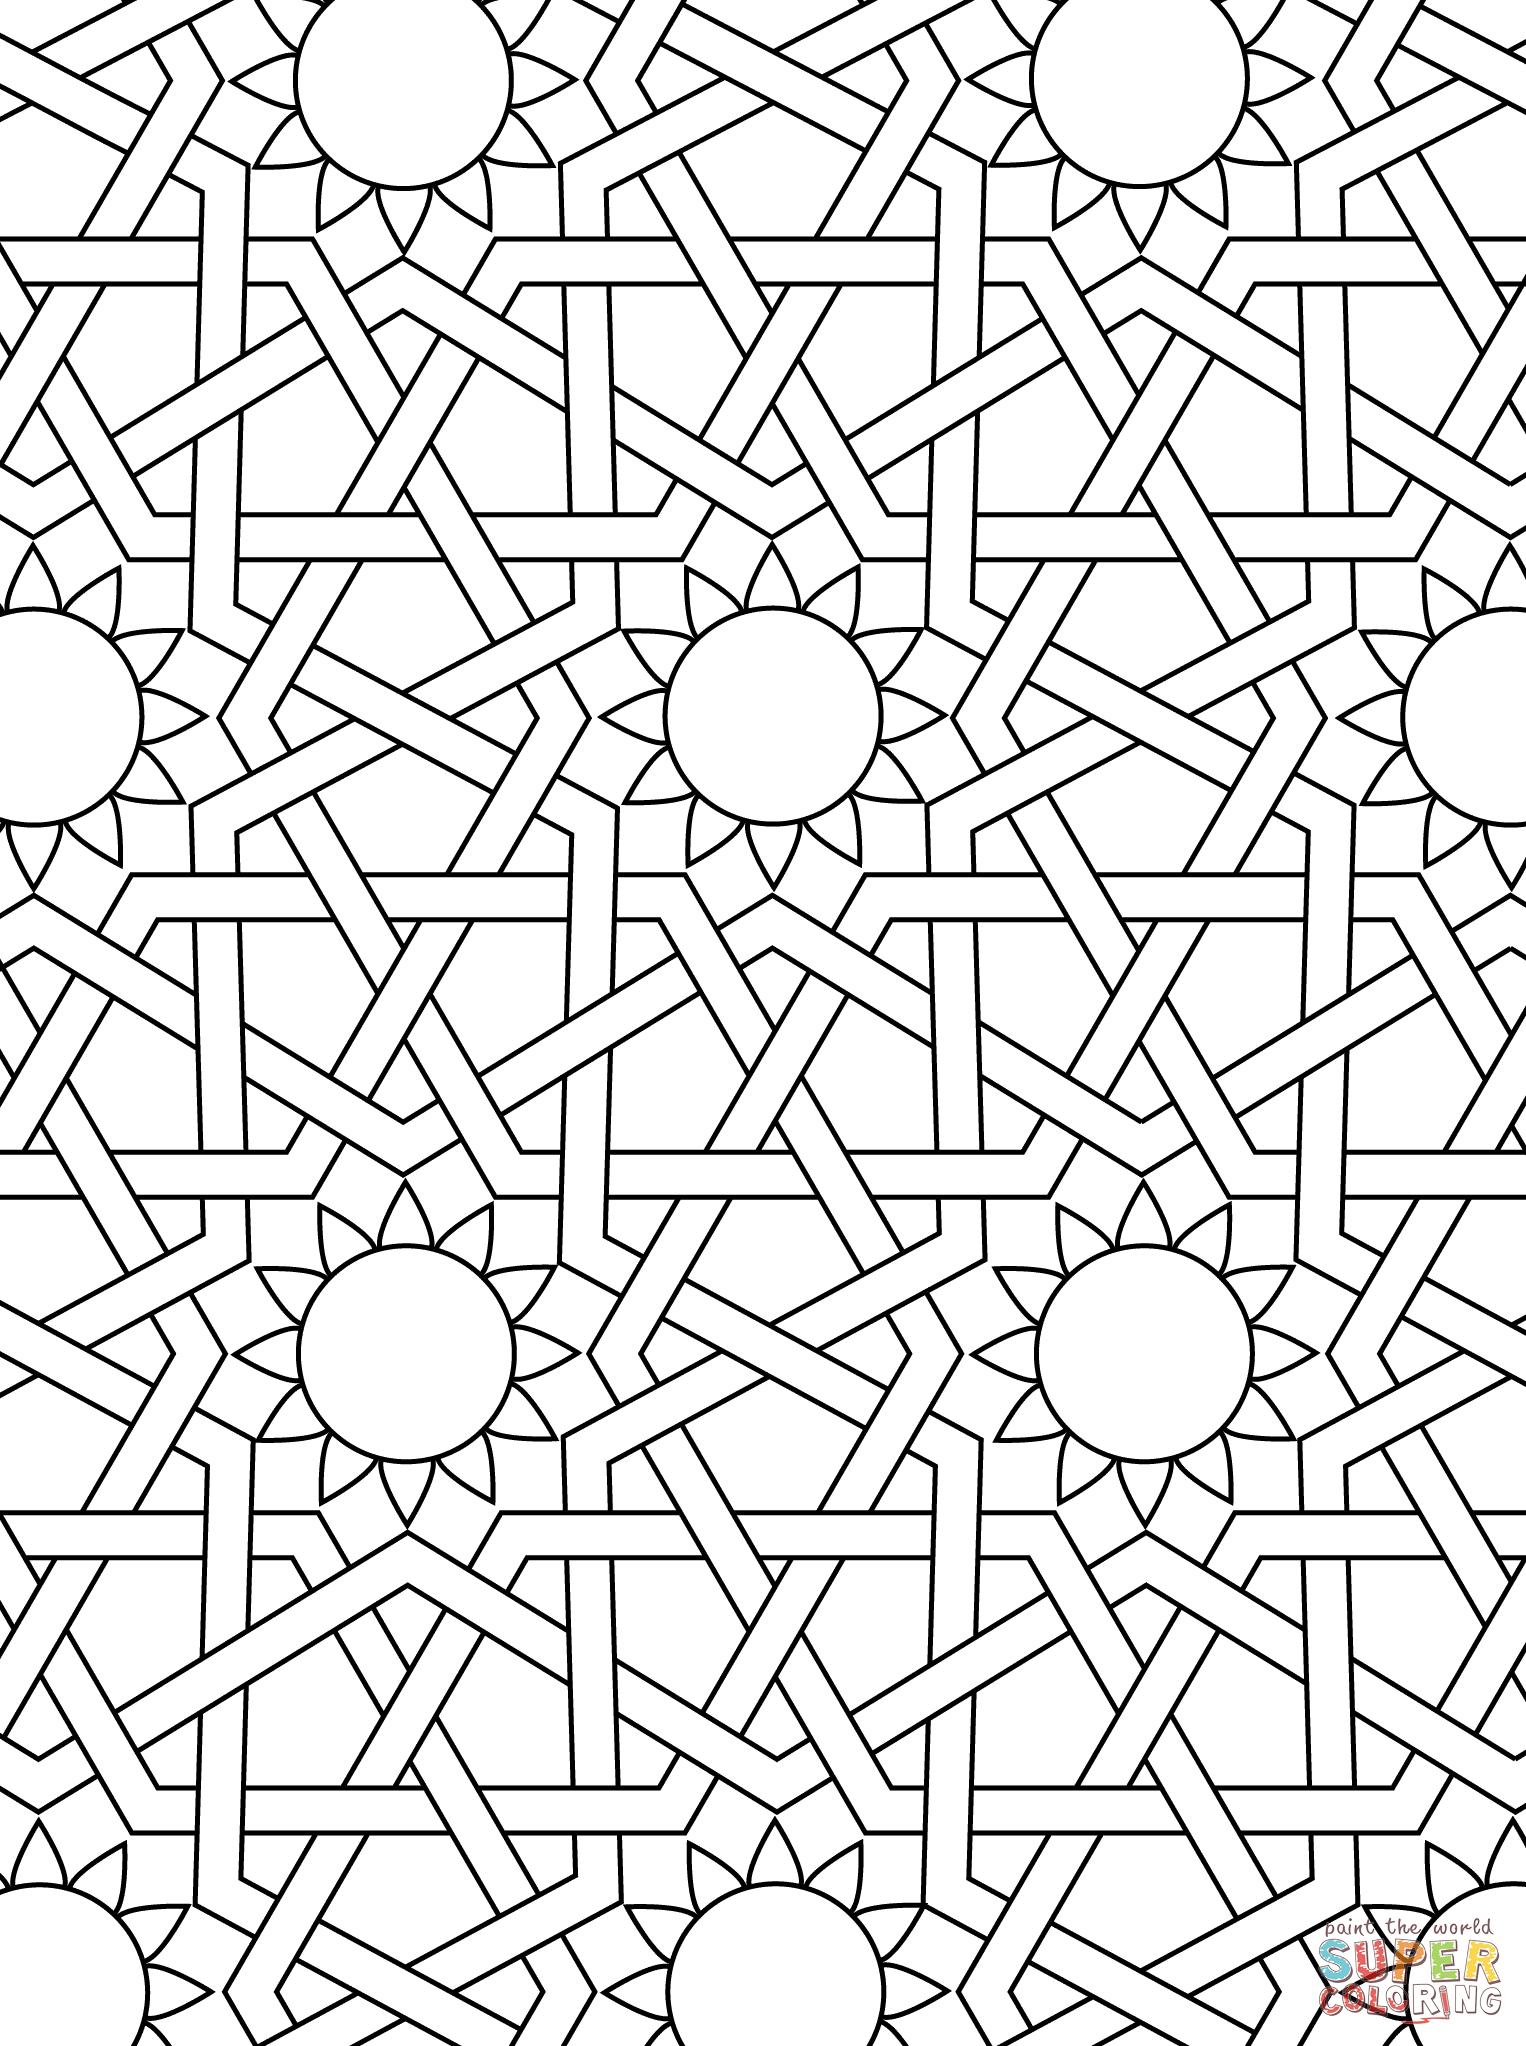 Drawn ornamental printable coloring #1